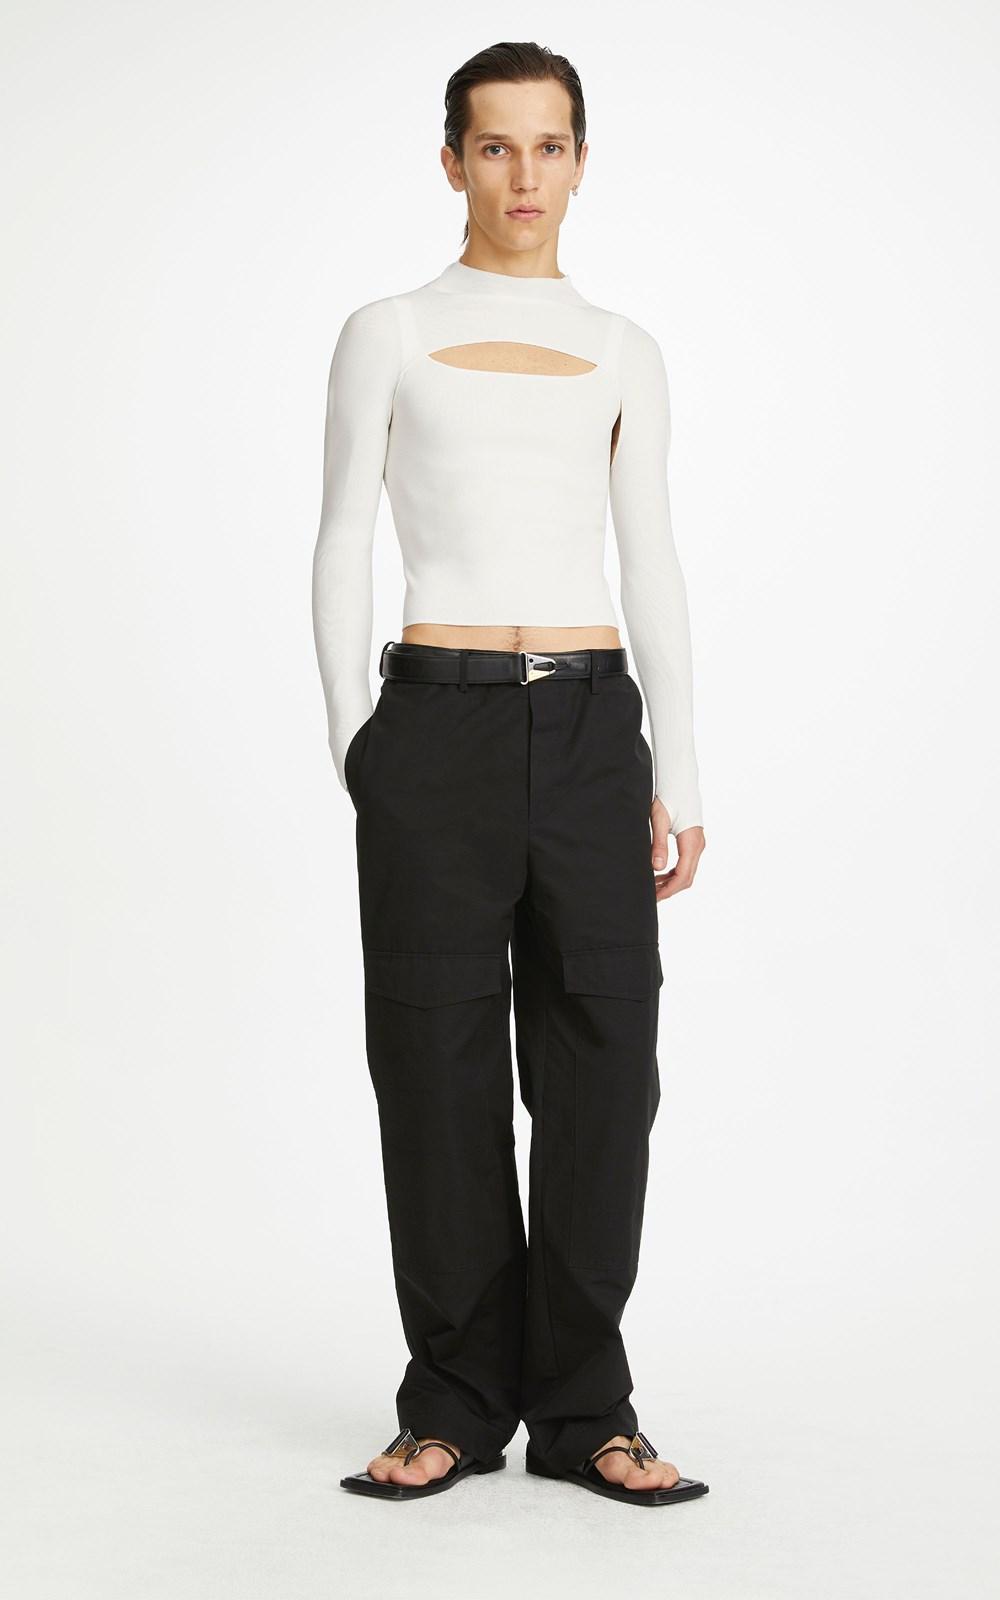 Knitwear | HOSIERY STIRRUP TOP